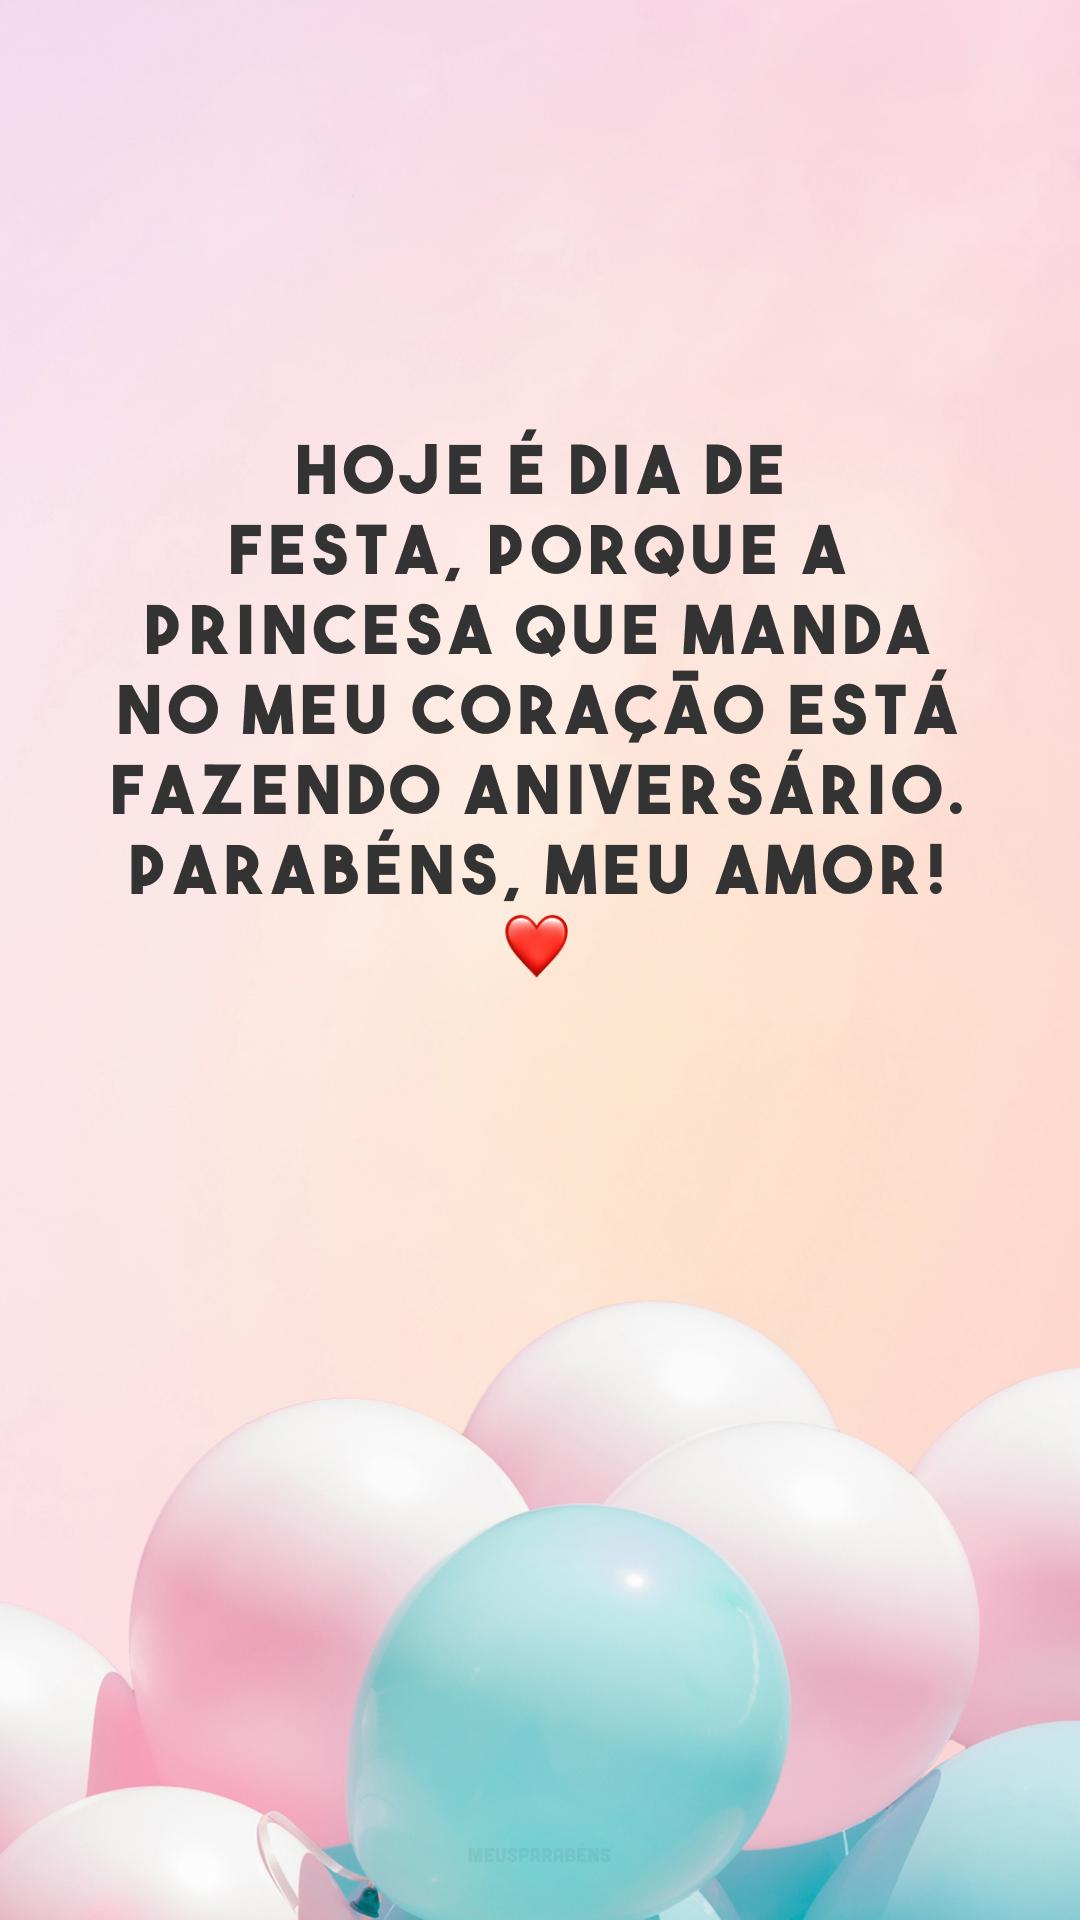 Hoje é dia de festa, porque a princesa que manda no meu coração está fazendo aniversário. Parabéns, meu amor! ❤️